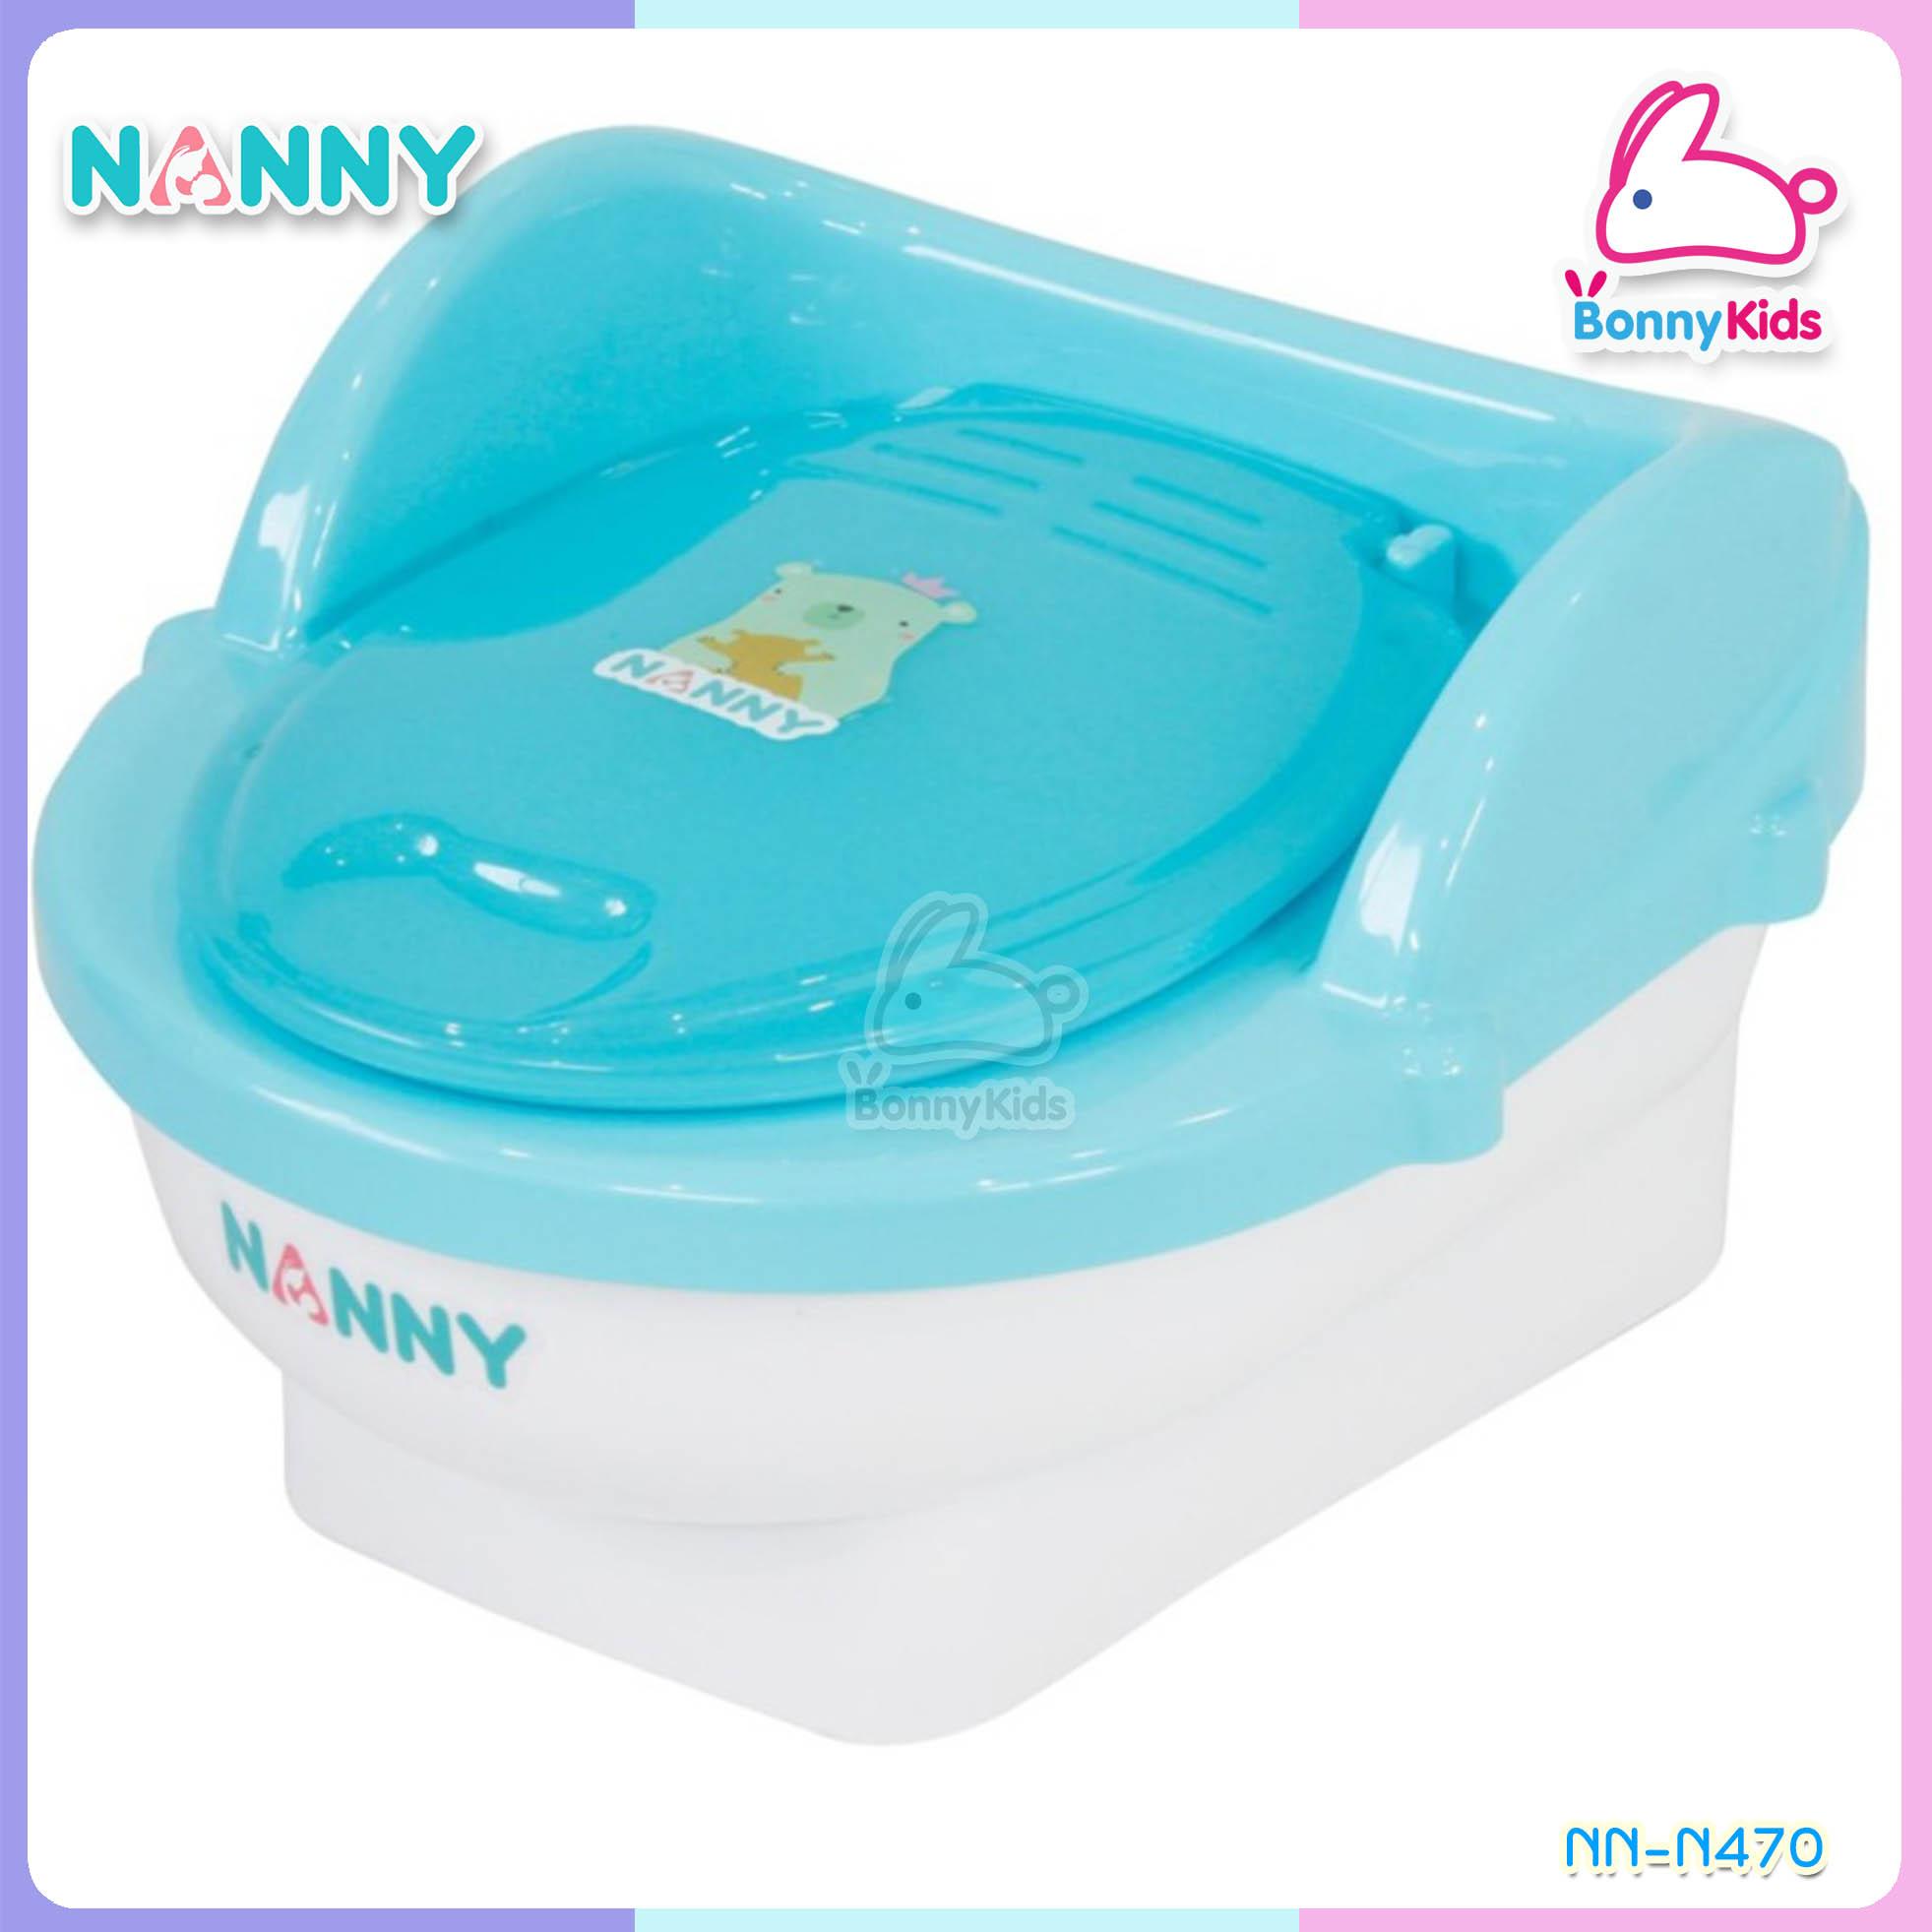 NANNY กระโถนชักโครก สีฟ้า